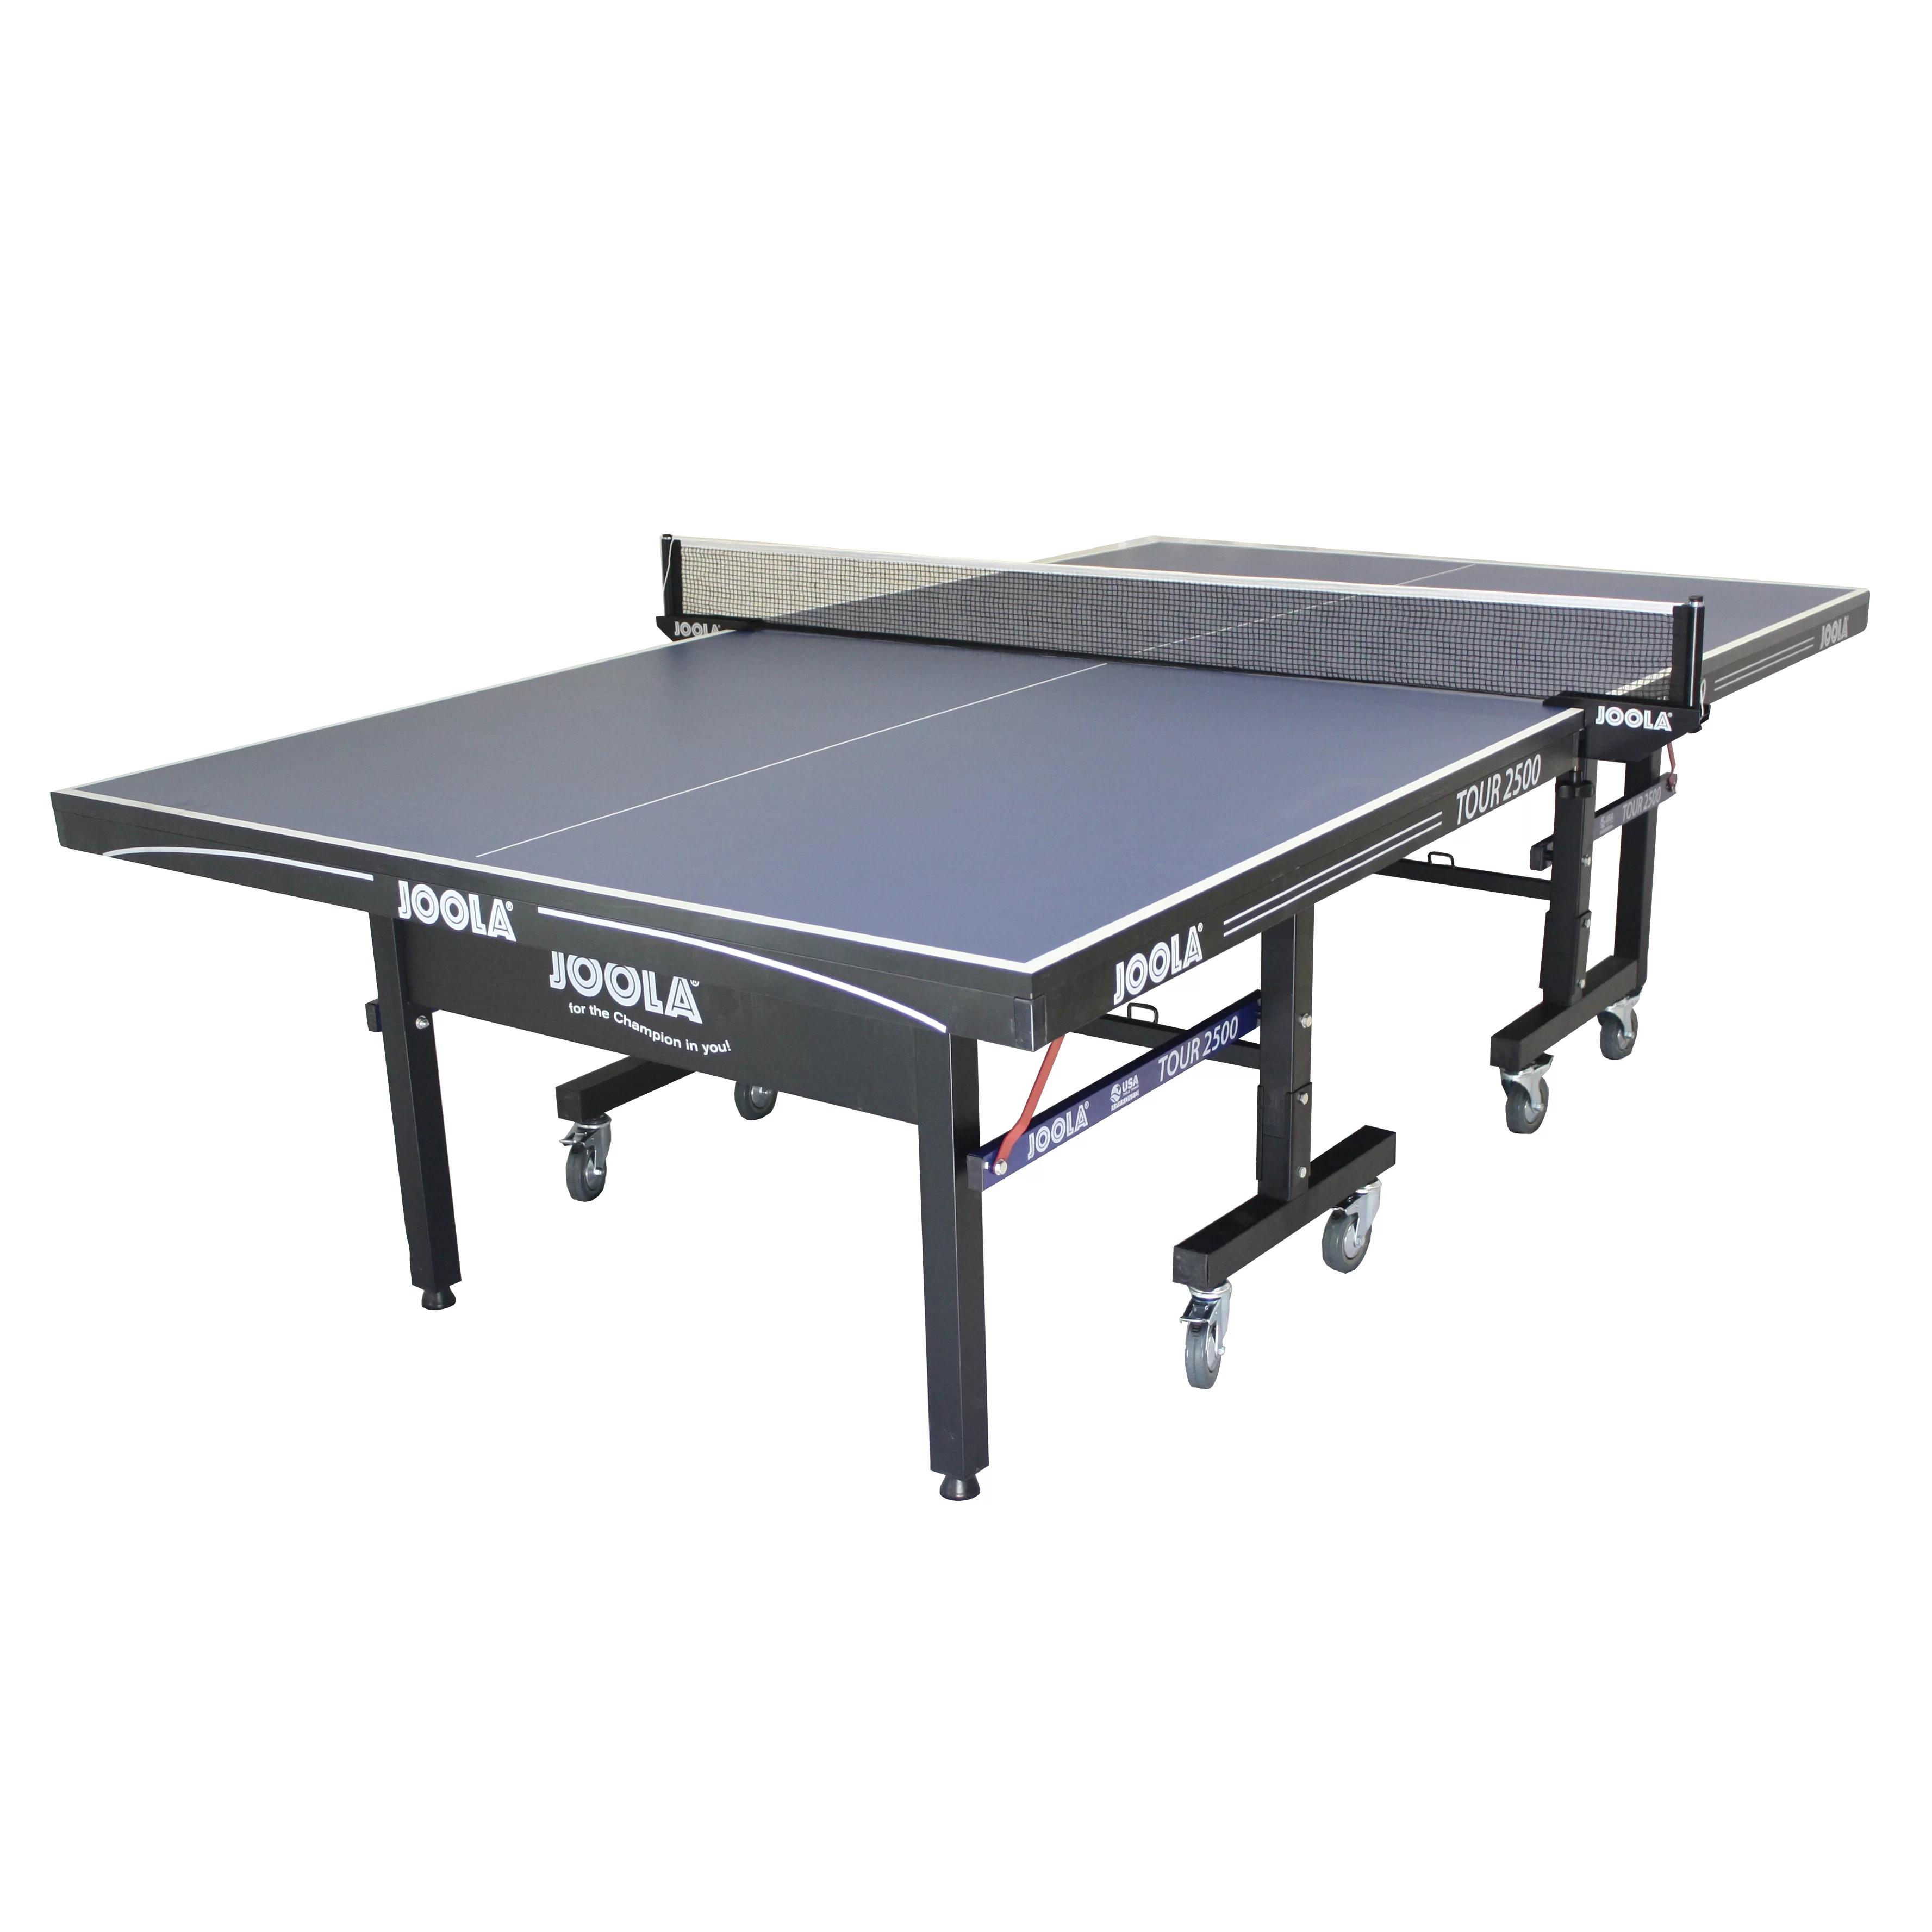 Joola Joola Tour 2500 Table Tennis Table And Net Set  Wayfair